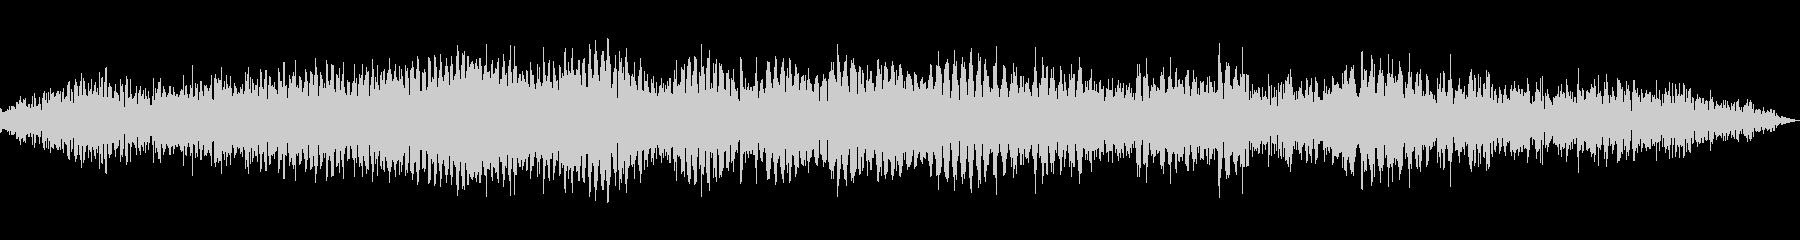 ゴーストリーグロール6の未再生の波形